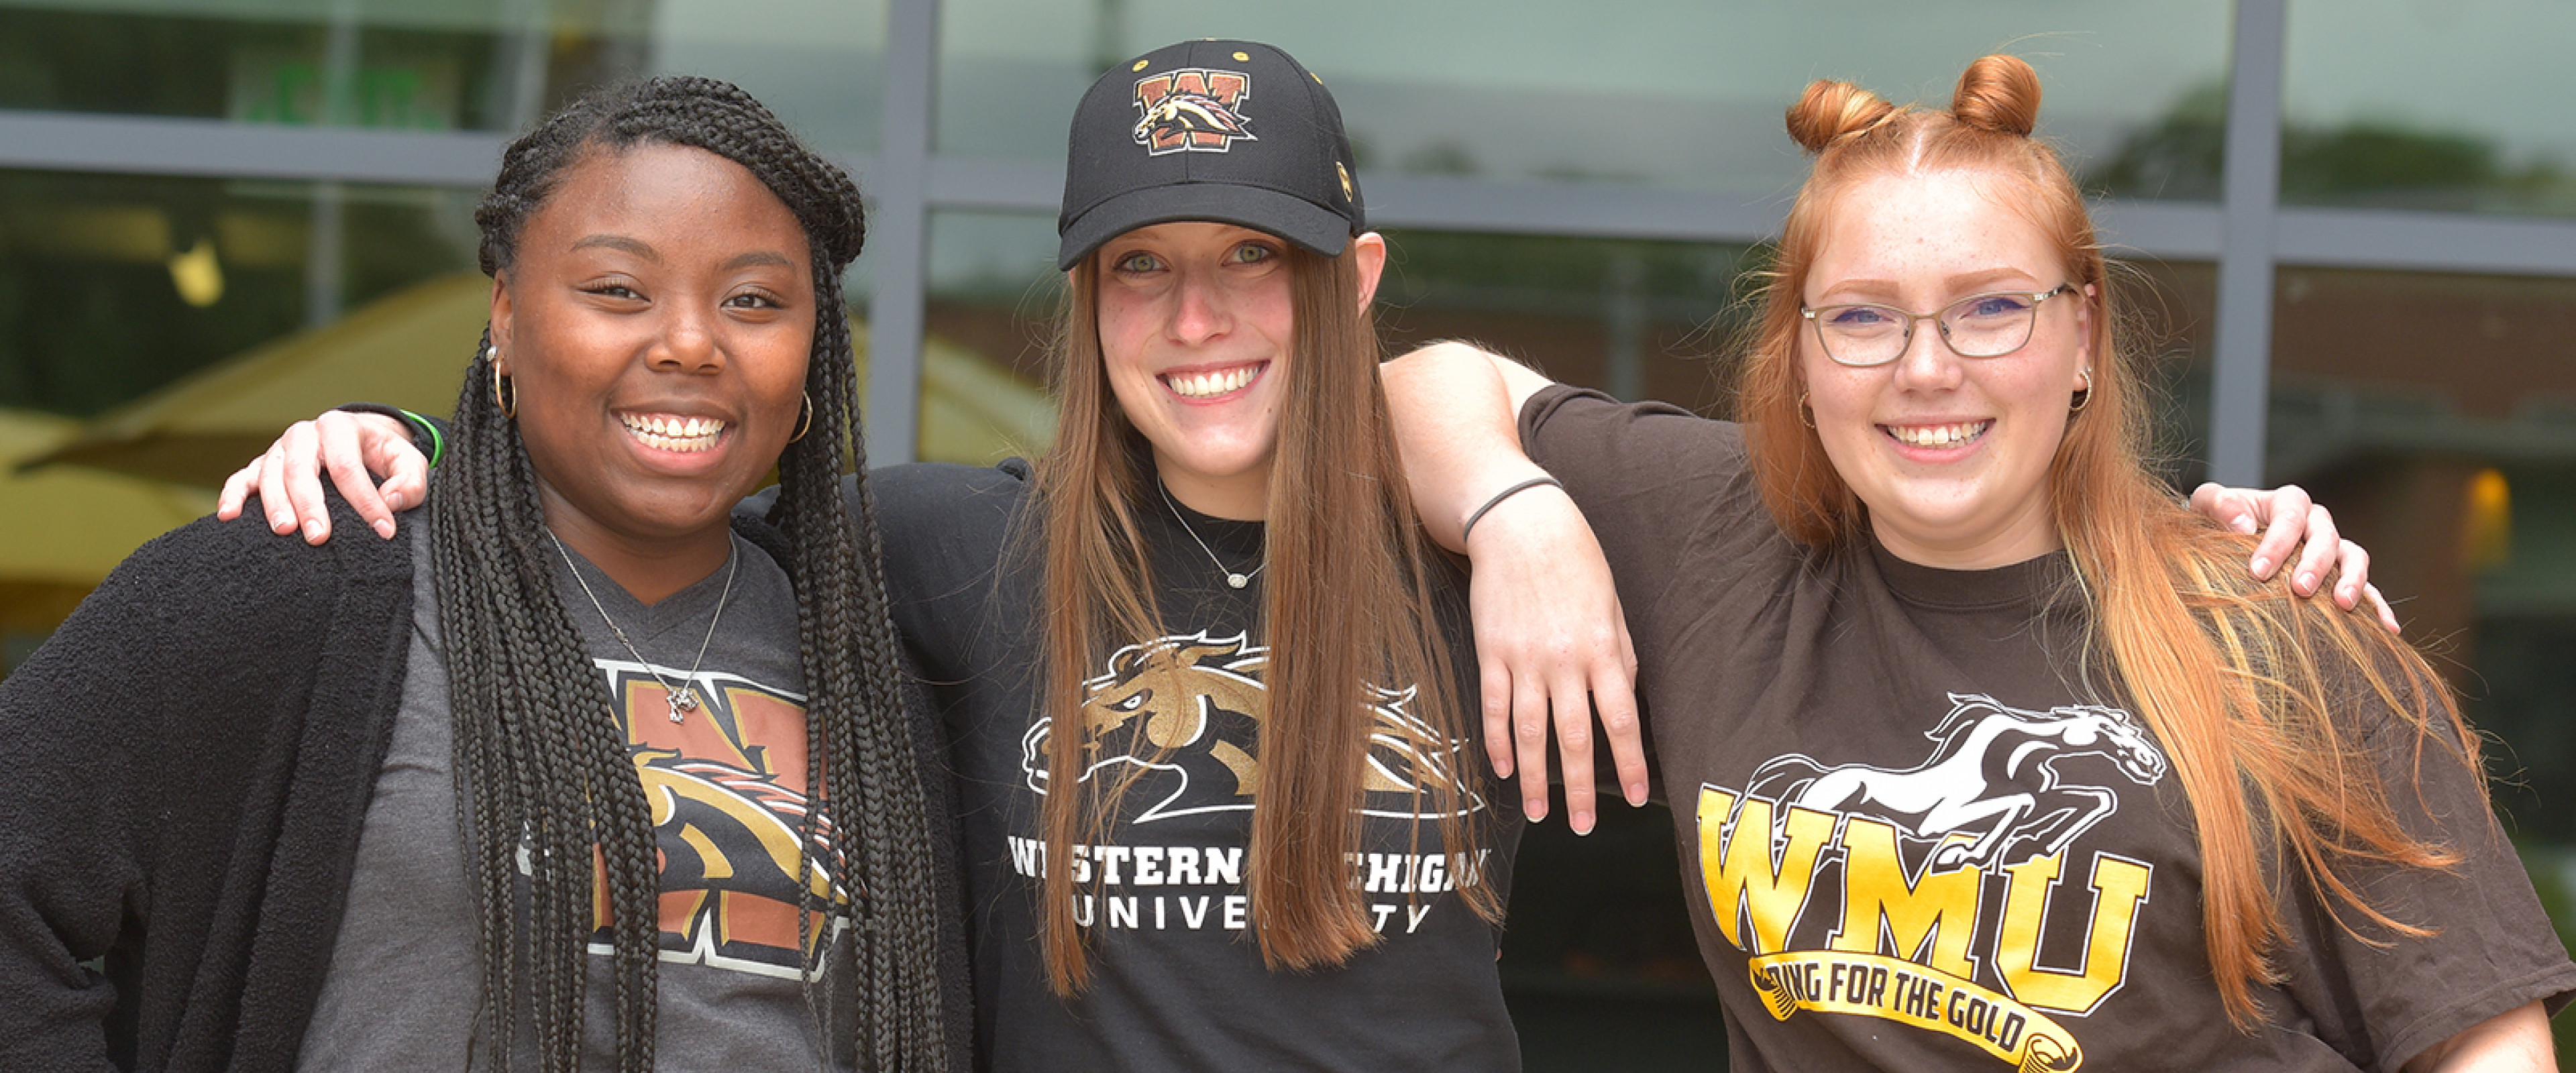 WMU Students outside